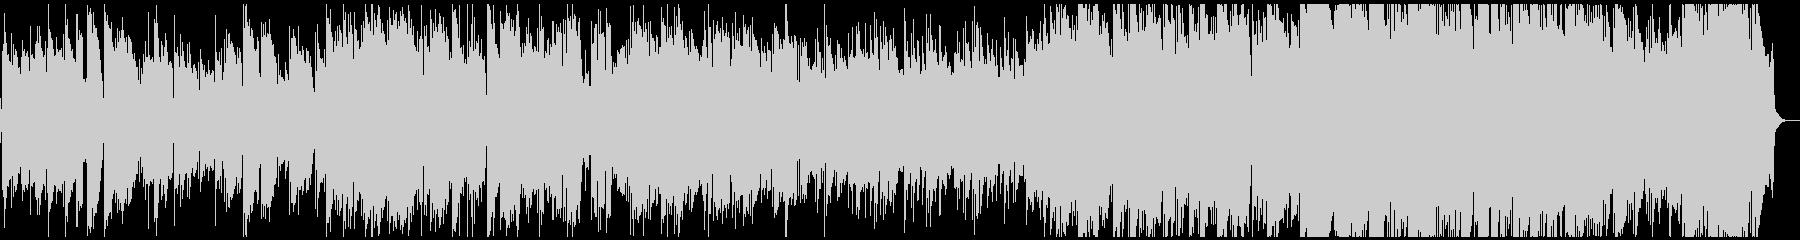 エレクトリックピアノの前向きなジャズの未再生の波形